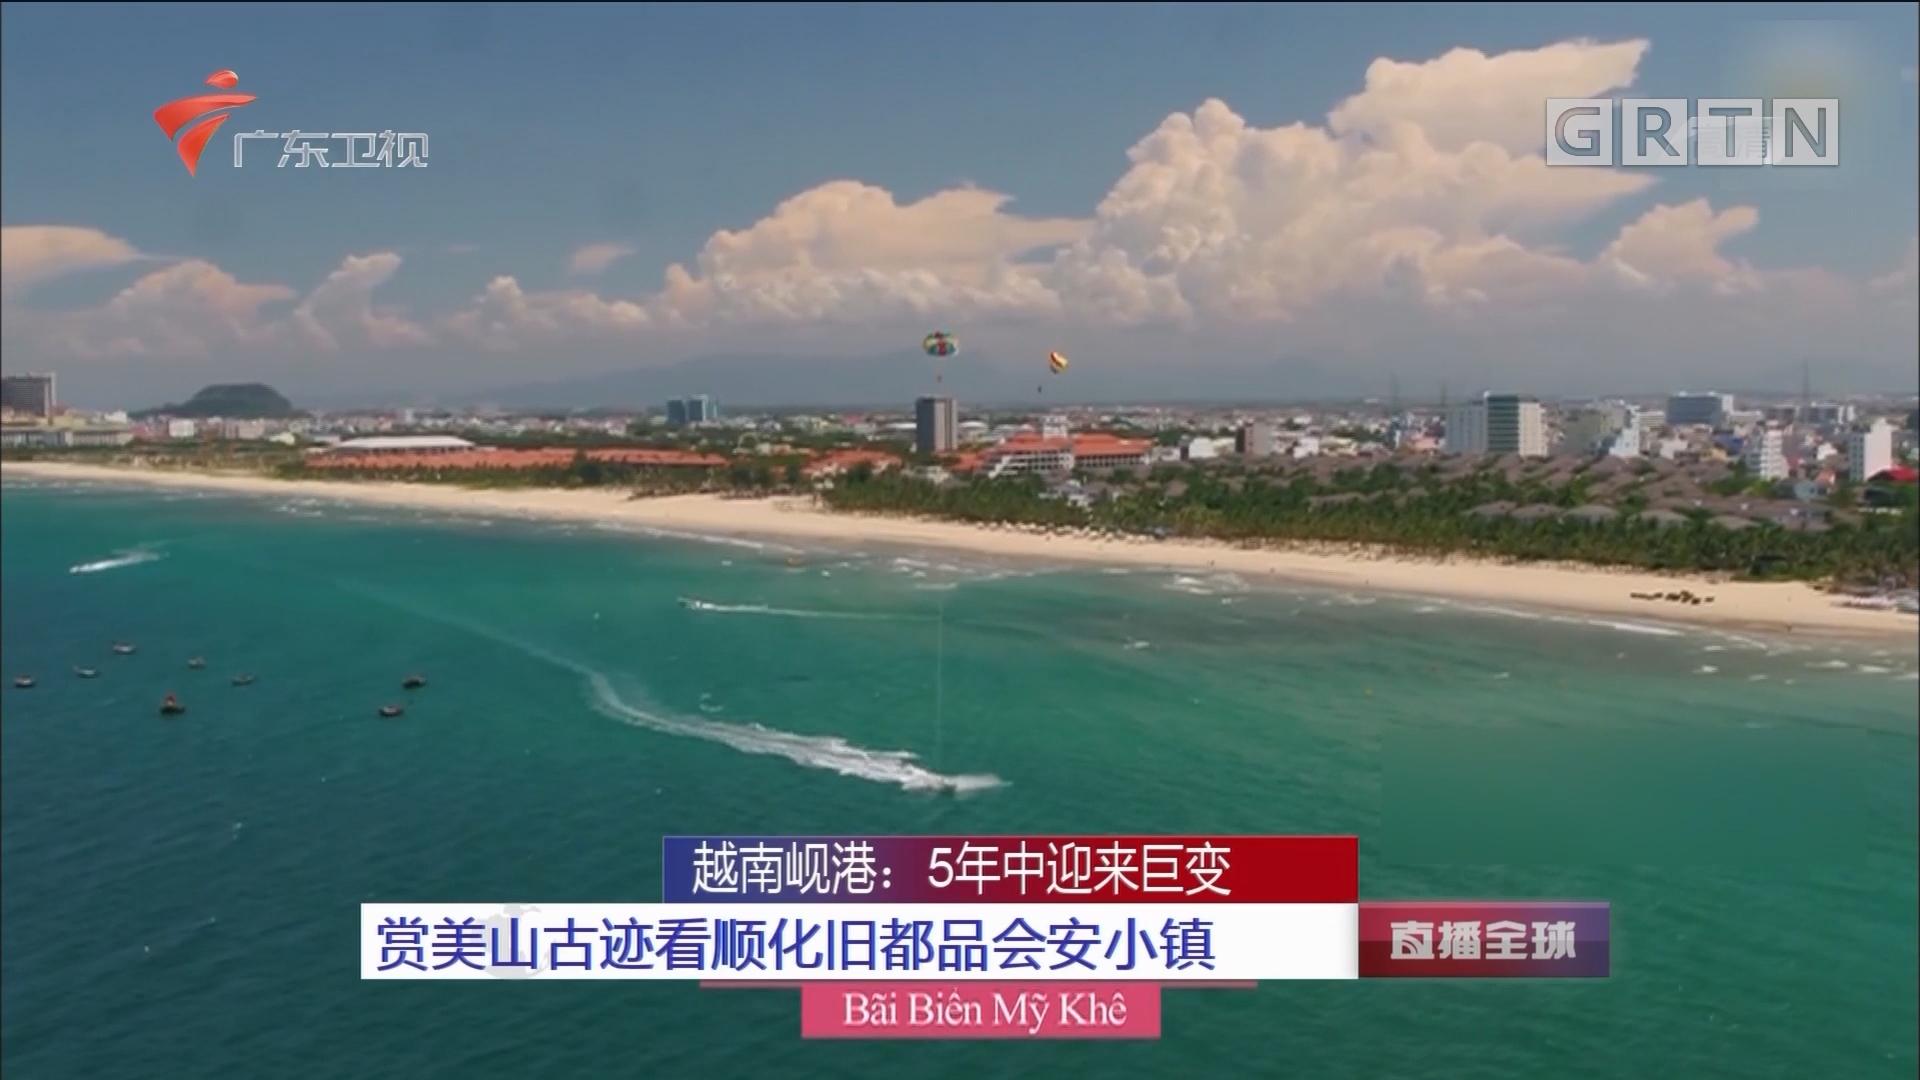 越南岘港:5年中迎来巨变 赏美山古迹看顺化旧都品会安小镇